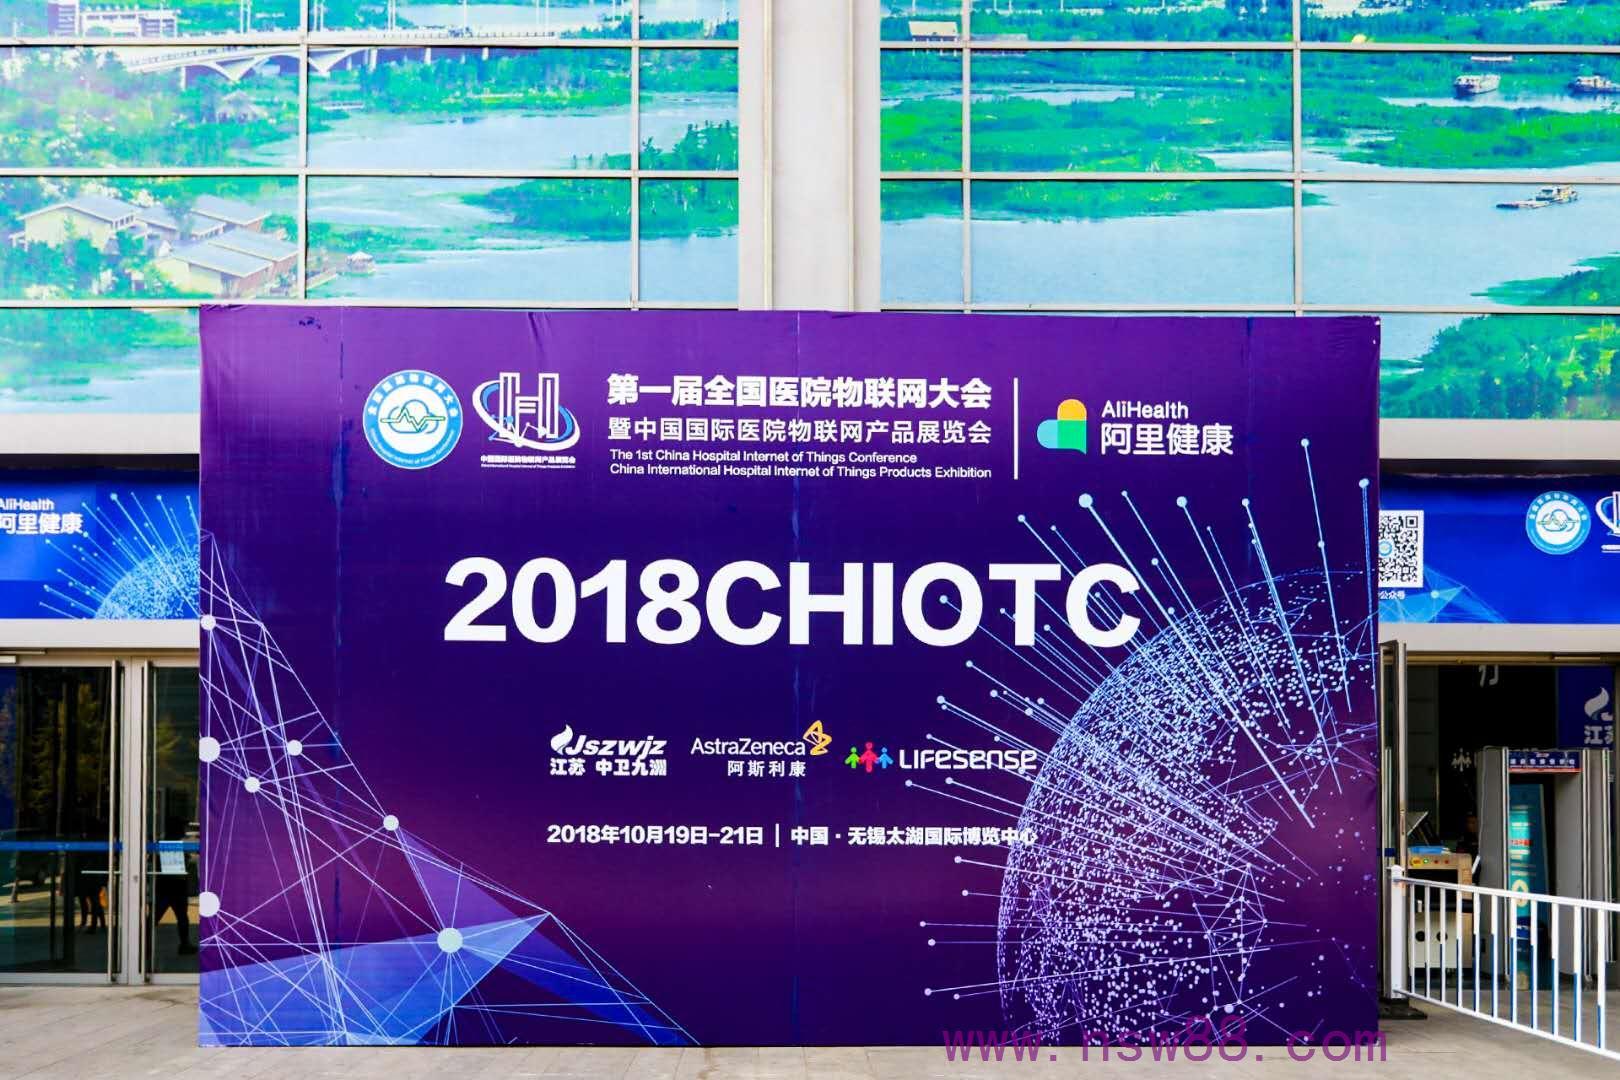 铨顺宏科技亮相第一届全国医院物联网大会